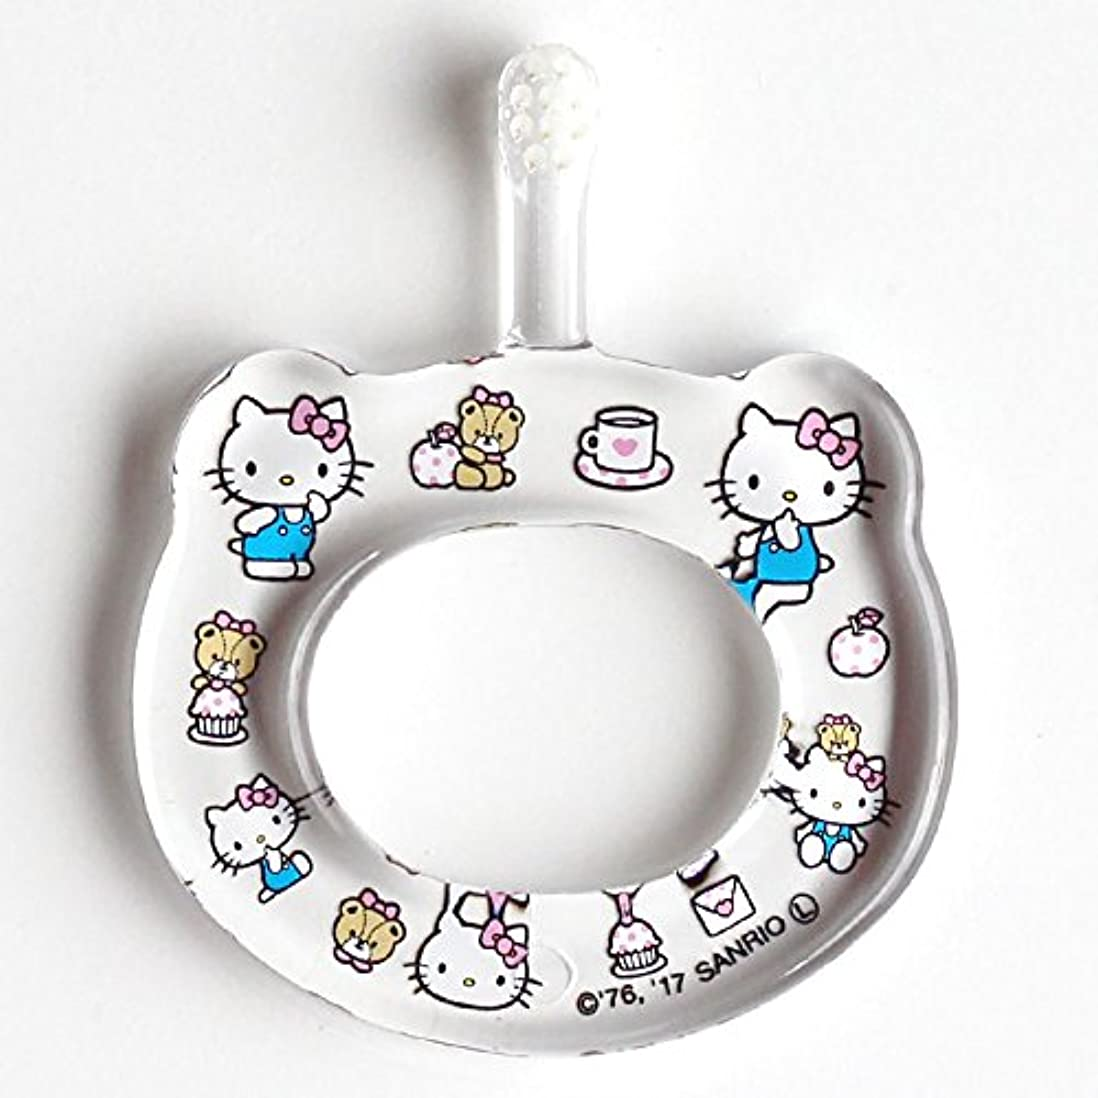 からかう引き金普通にHAMICO ベビー歯ブラシ(キャラクター限定商品) ワンサイズ ハローキティ 水玉